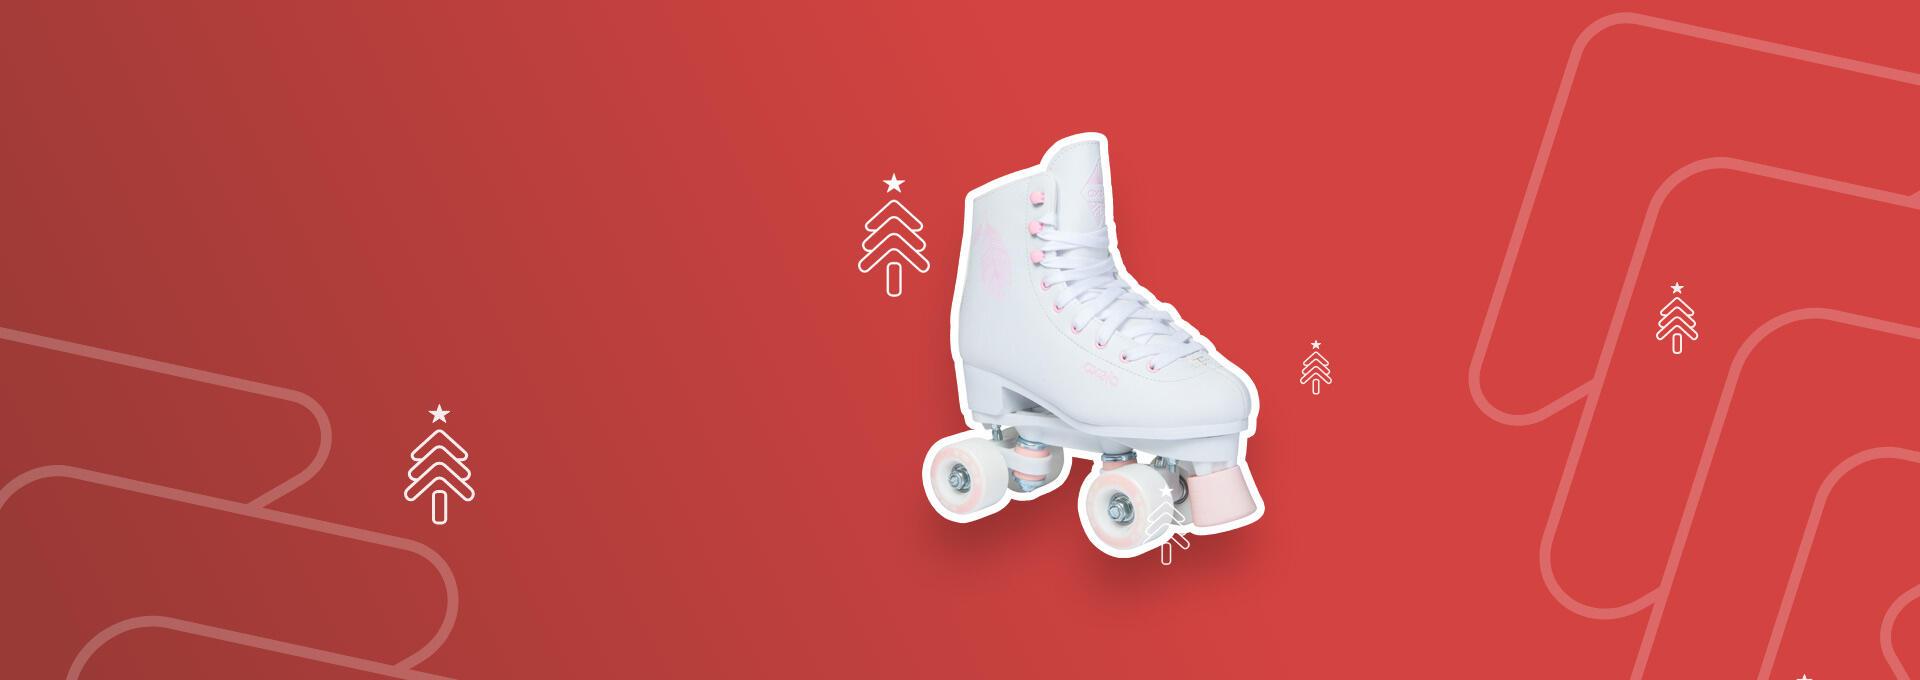 Idée cadeau Noël roller Decathlon